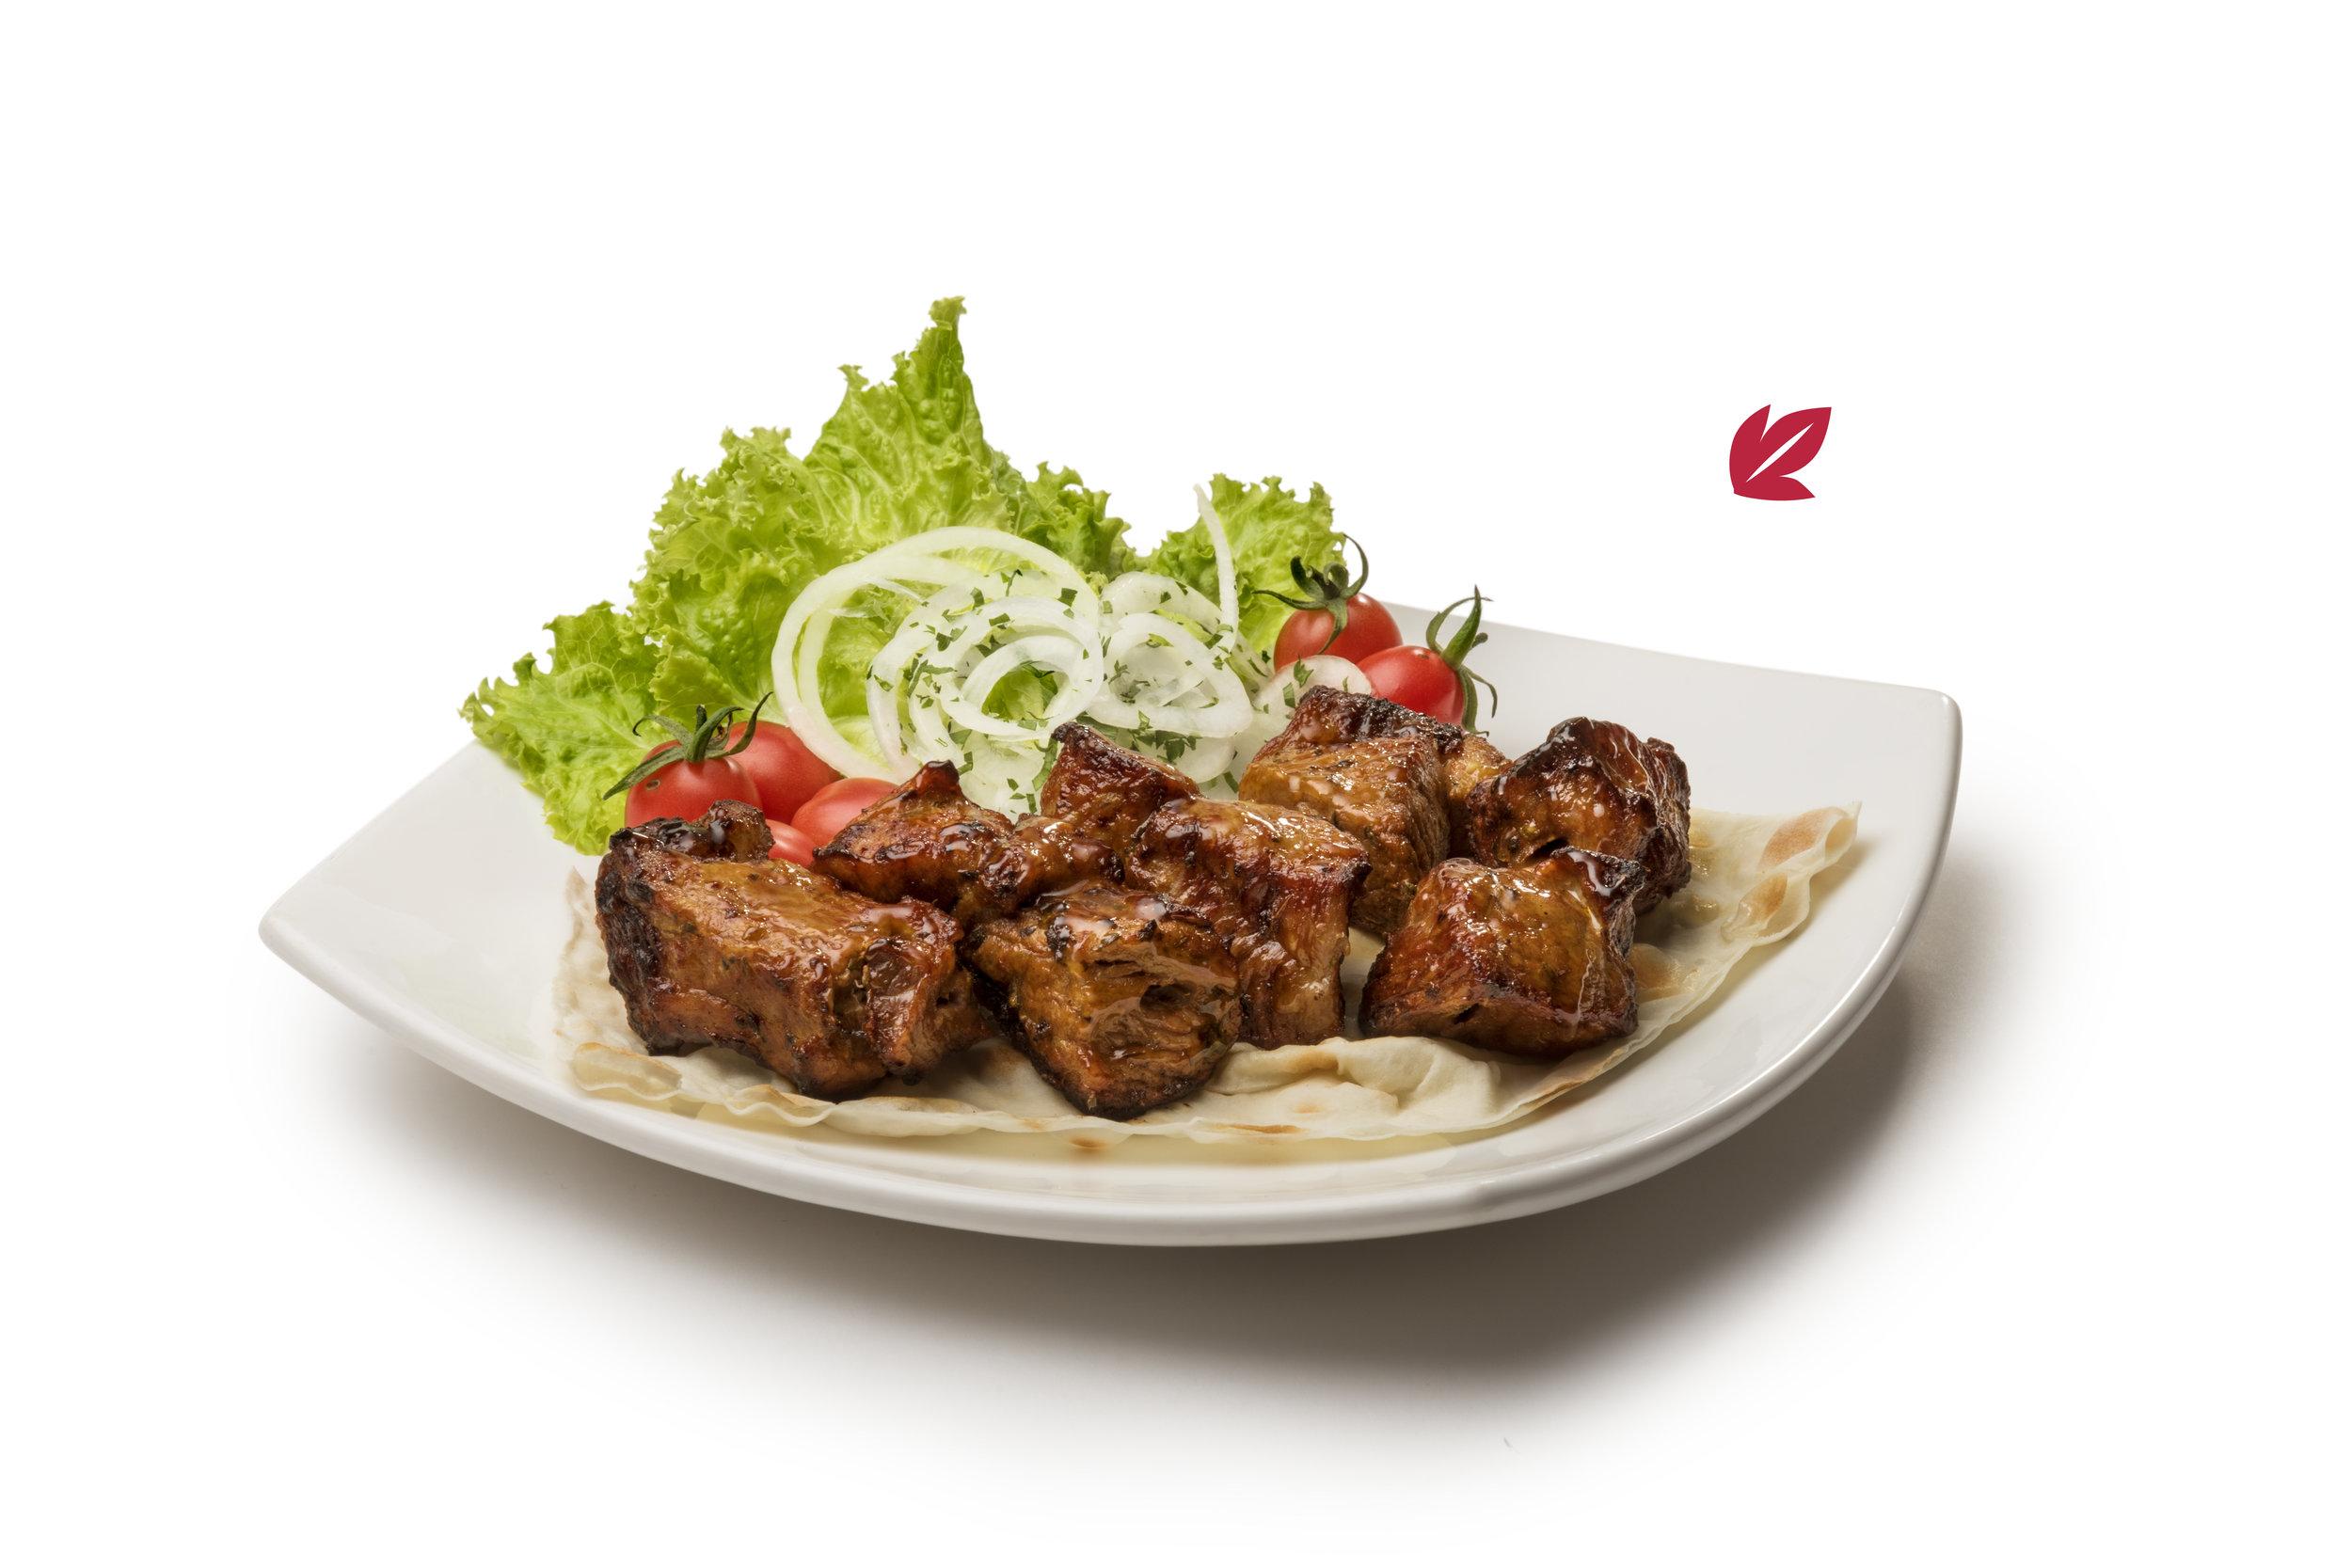 Brochette de cerdo - Brochette de carne de cerdo, cortado en cubos condimentado y asado a las brasas. Acompañado con guarnición.$390